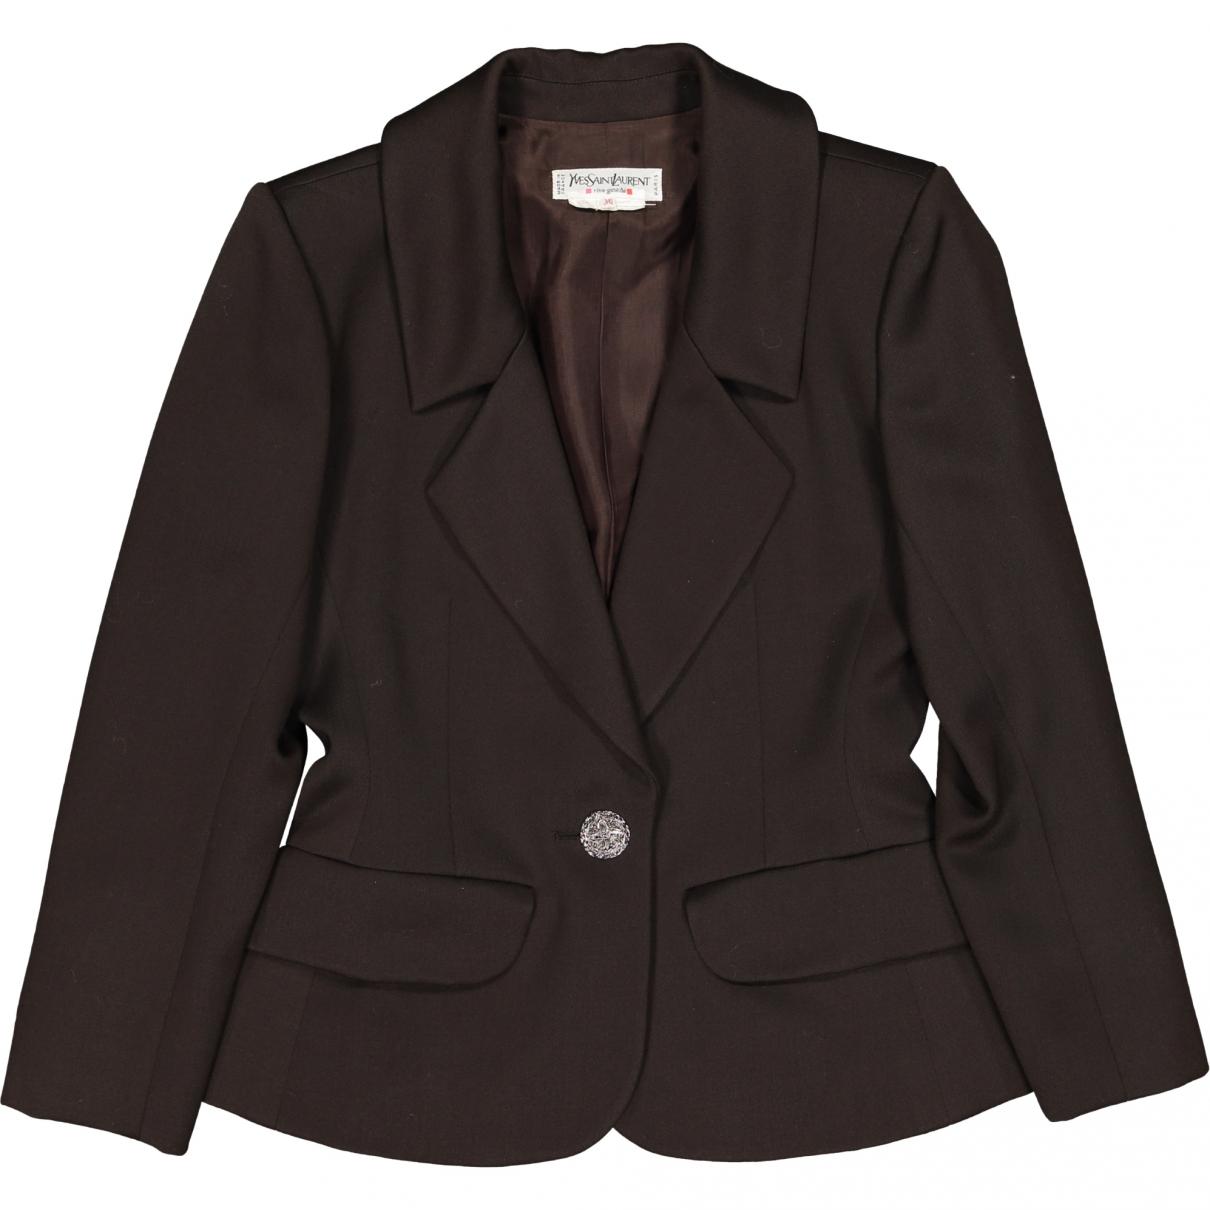 Yves Saint Laurent \N Brown Wool jacket for Women 36 FR